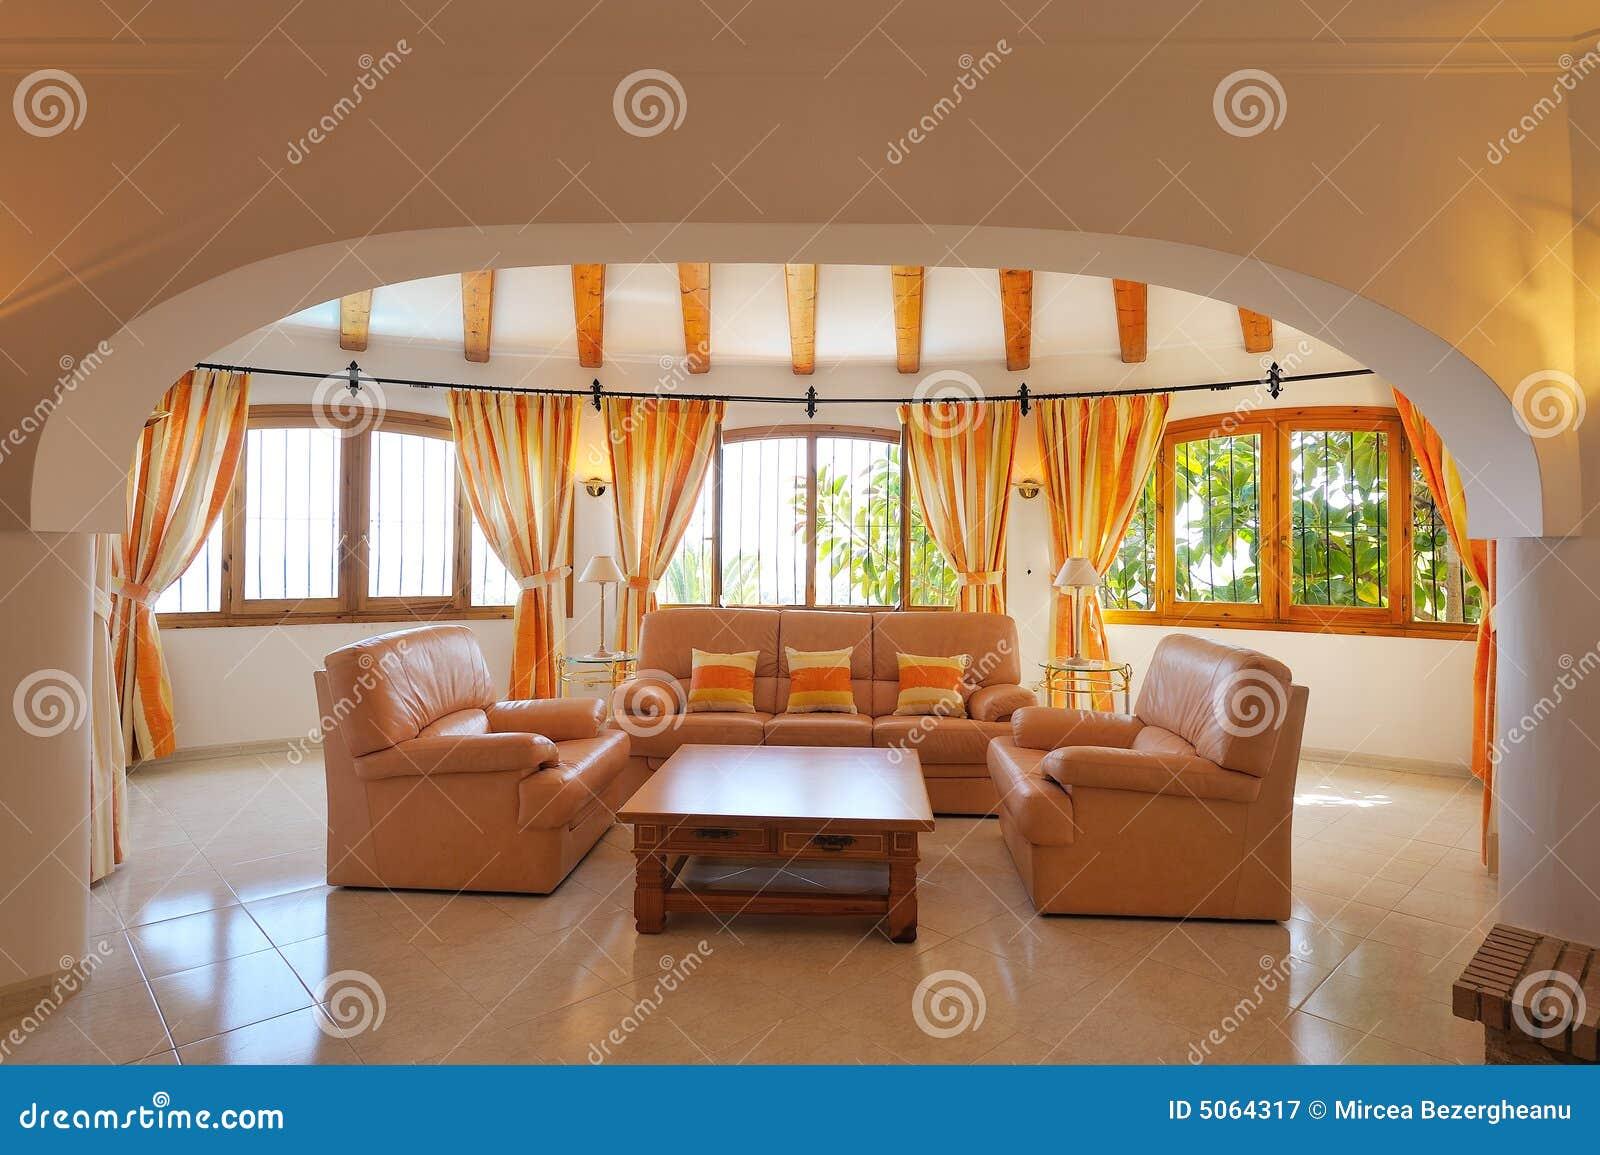 Nouvelle technologie interieur maison for Maison luxe interieur